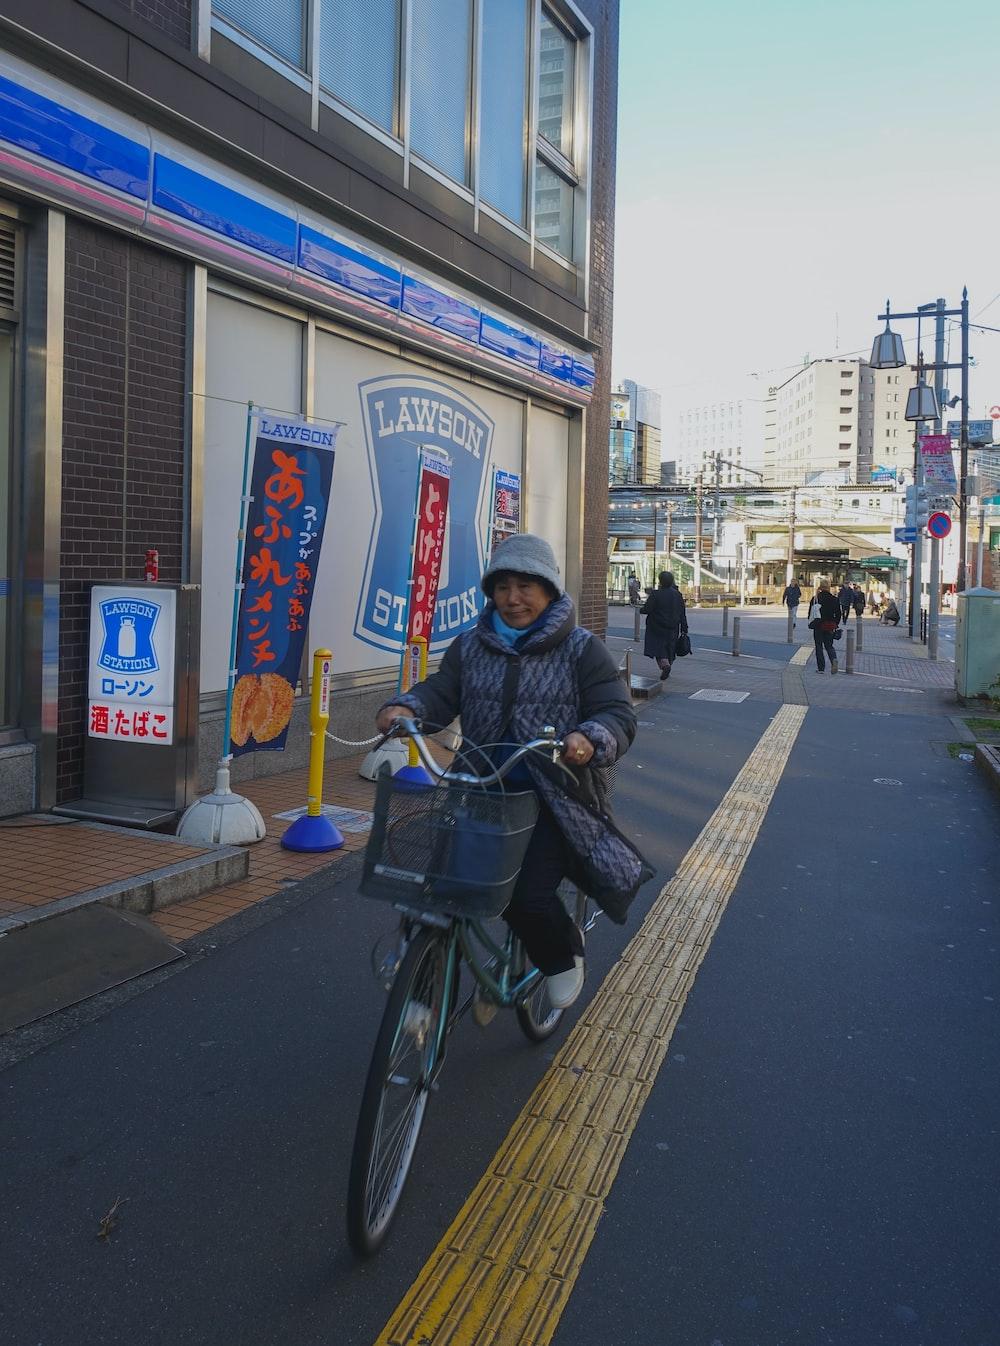 man in black jacket riding bicycle on sidewalk during daytime